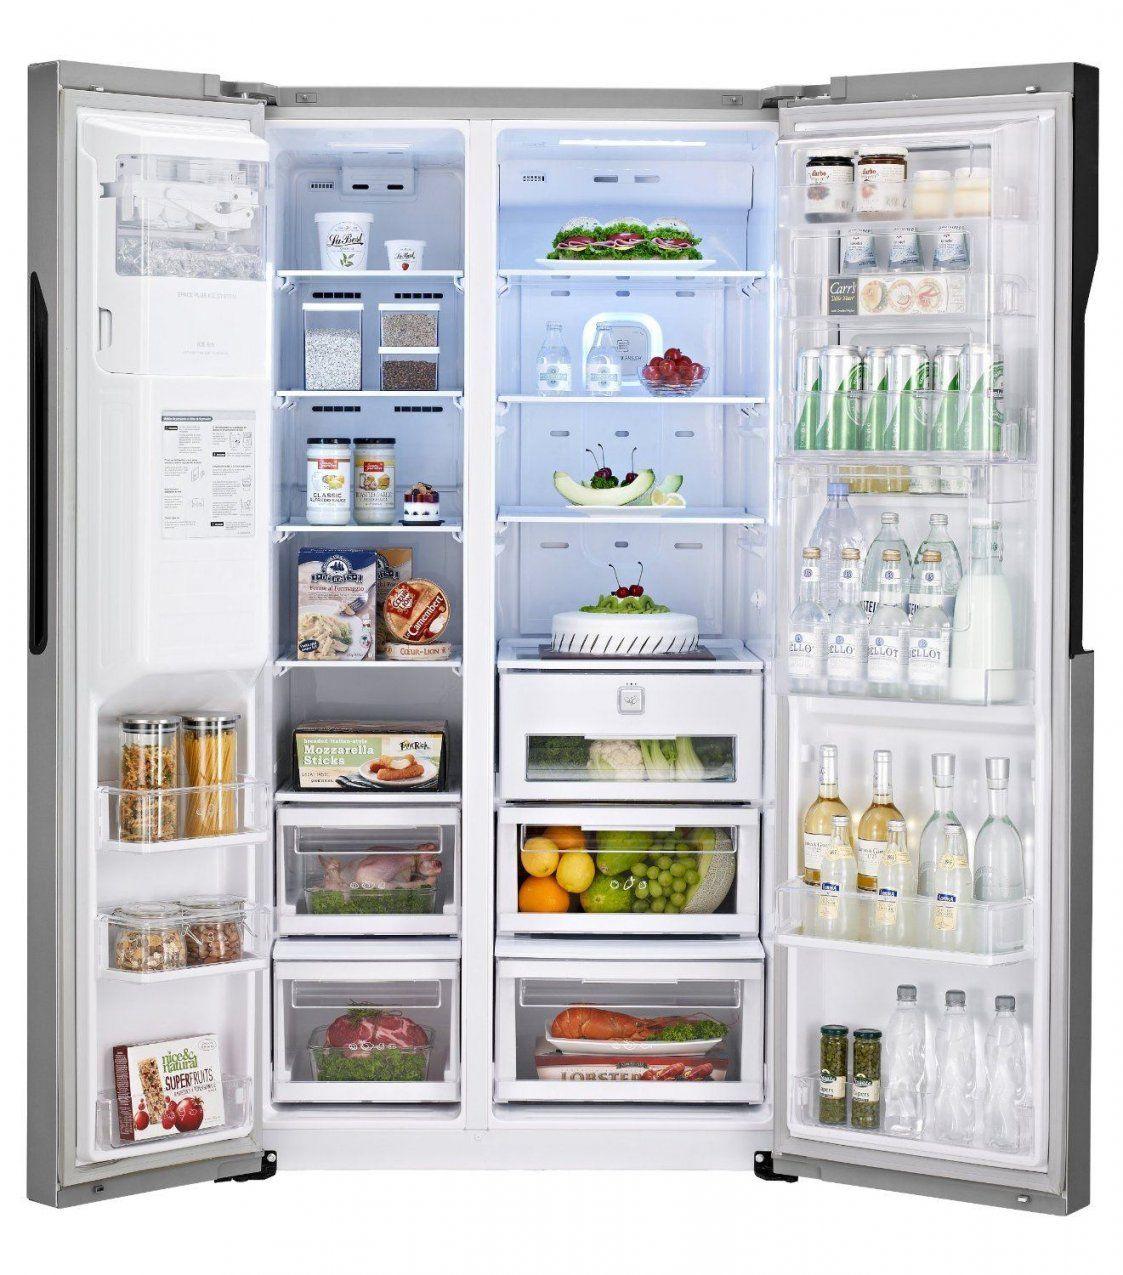 Sidebyside Kühlschrank Test 2018 • Die 10 Besten Sidebyside von Kühl Gefrierkombination Mit 0 Grad Zone Bild